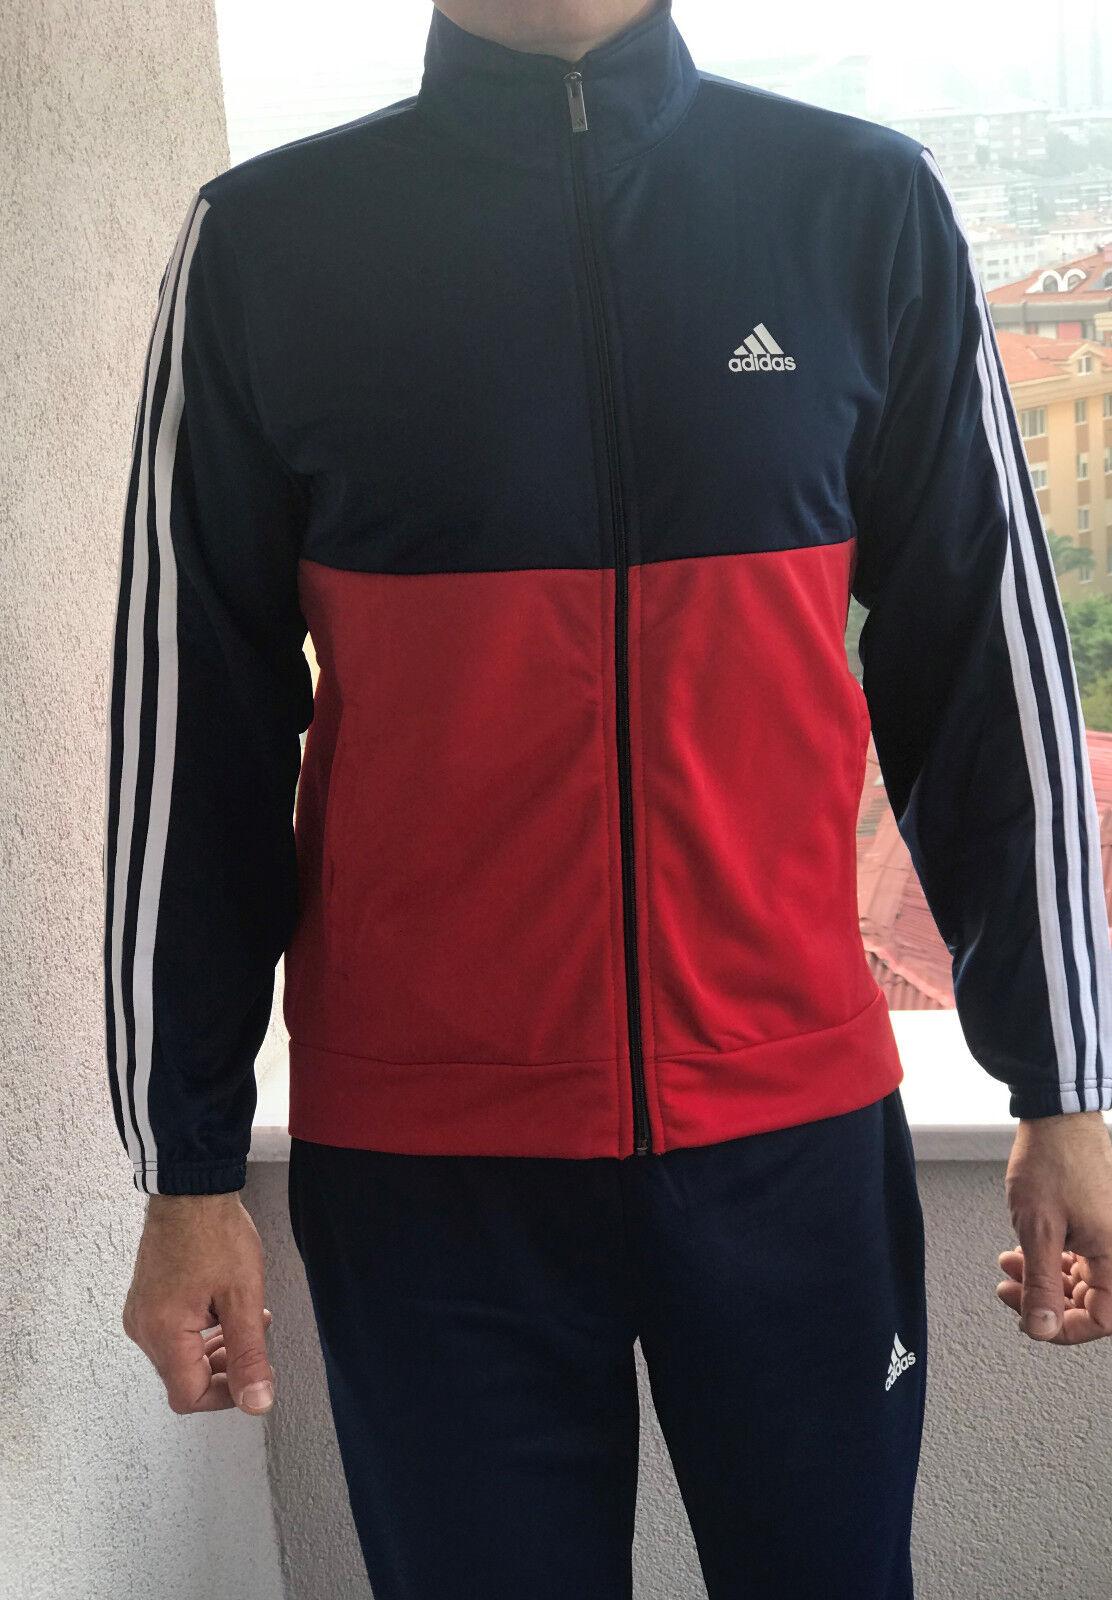 Klassischer Adidas Herren Tracking Anzug mit Hose Vintage Herren Modell Rot Blau